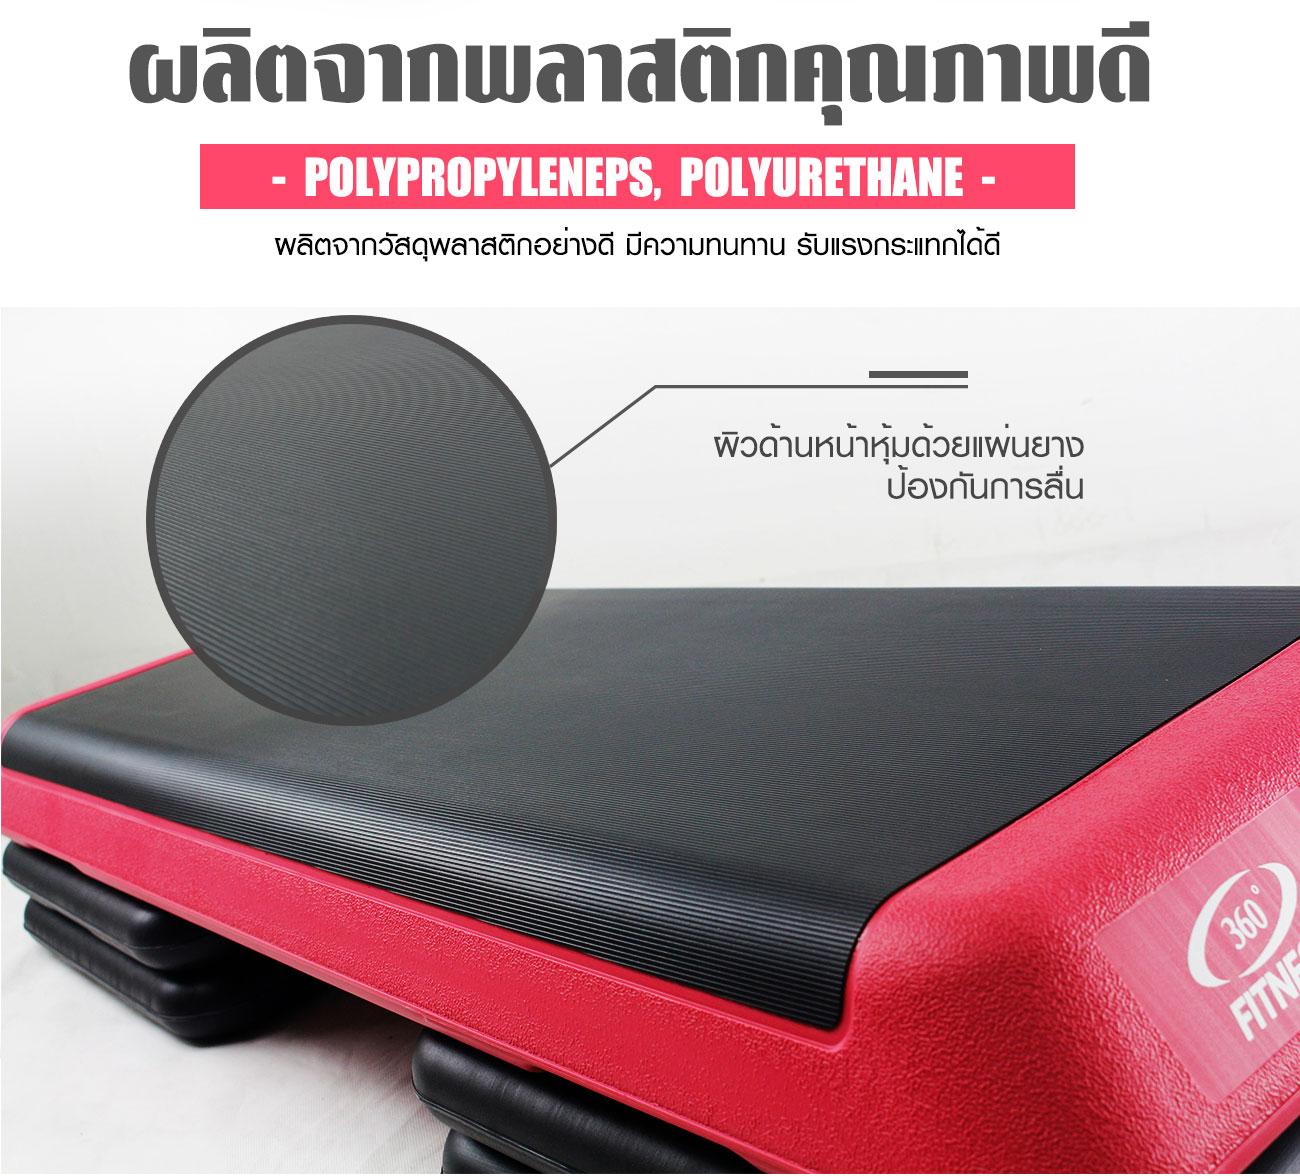 สเต็ปเปอร์สำหรับเล่นแอโรบิค MB-47050